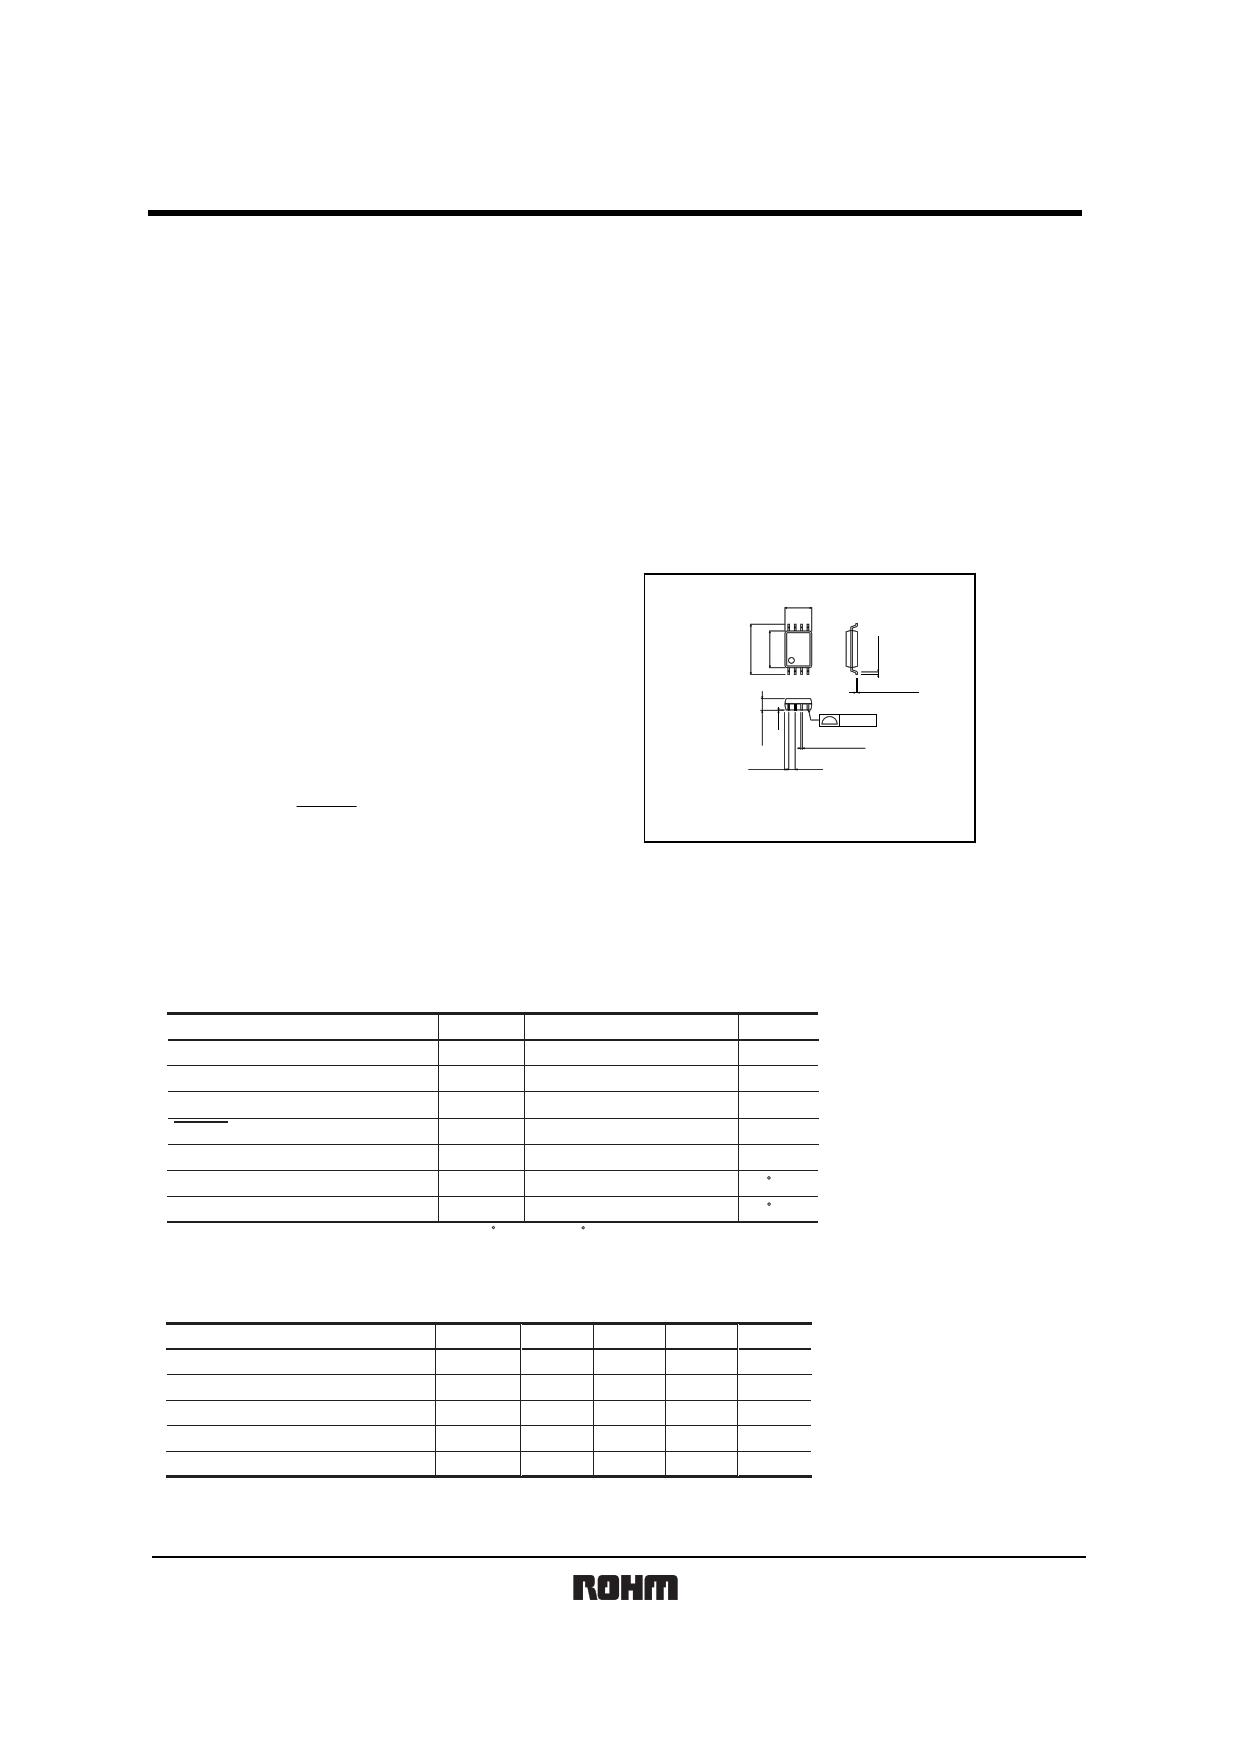 BD4201FV دیتاشیت PDF